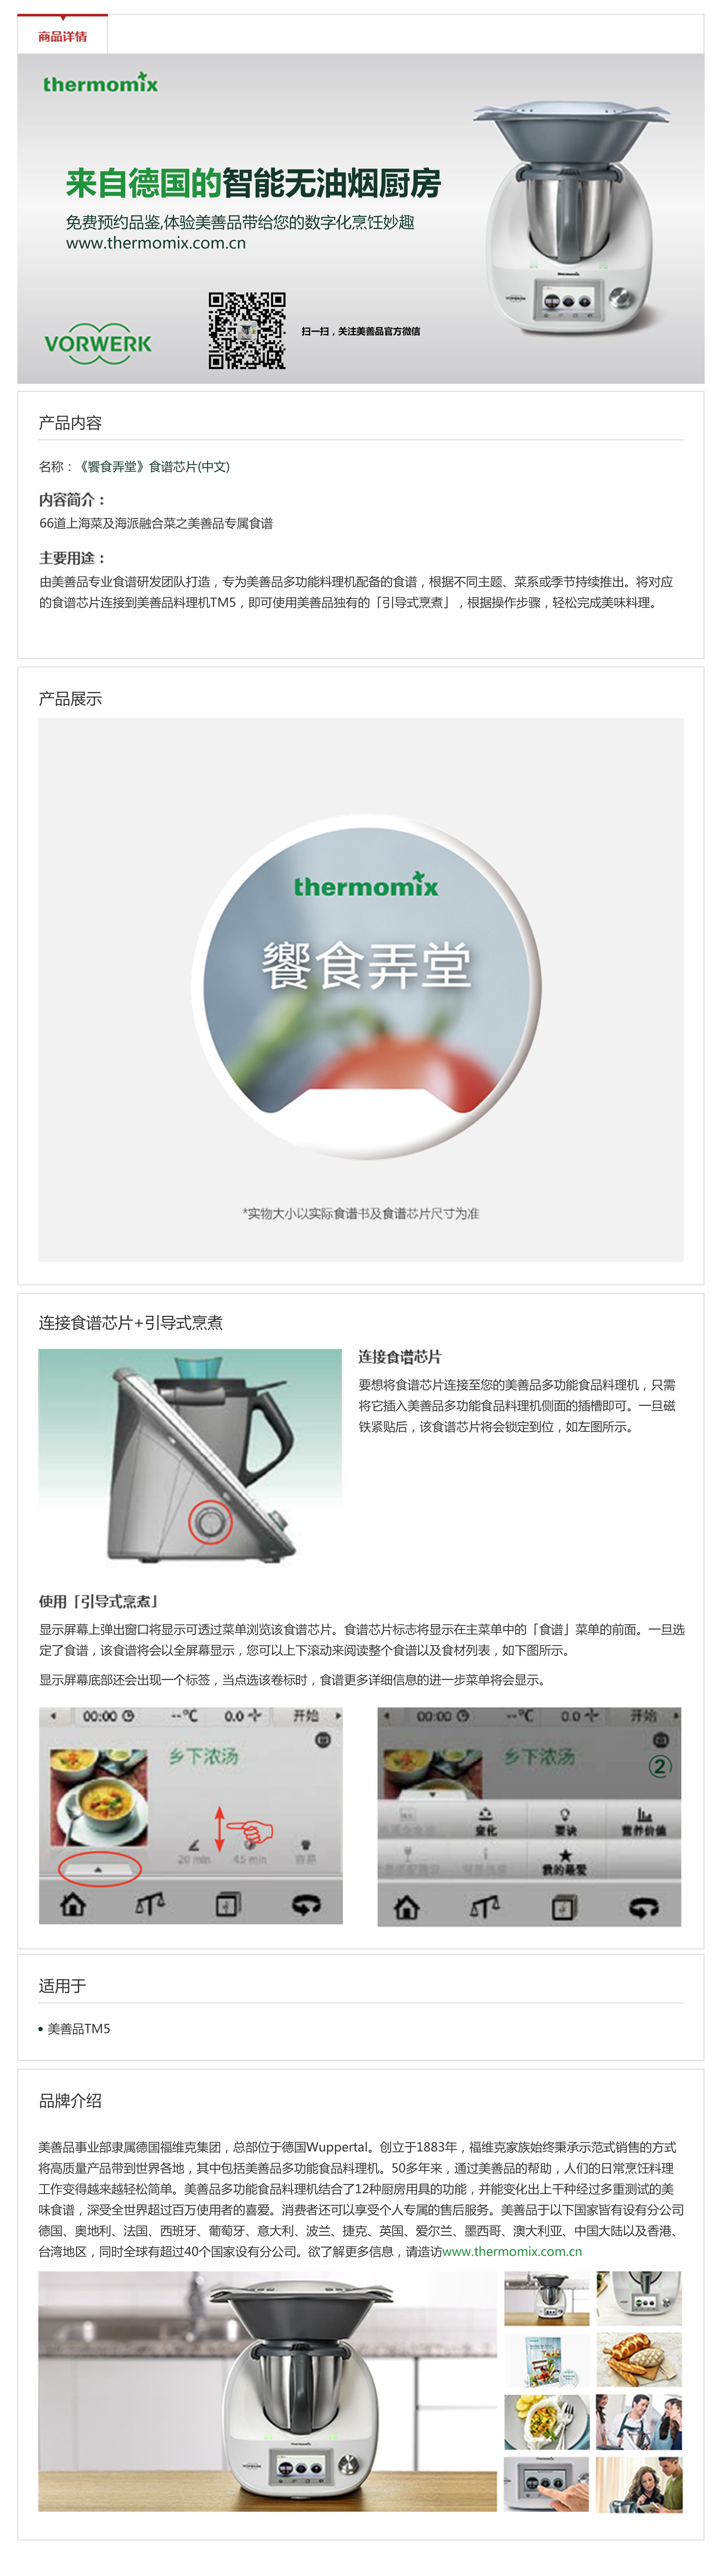 饗食弄堂谱芯片 (中文)